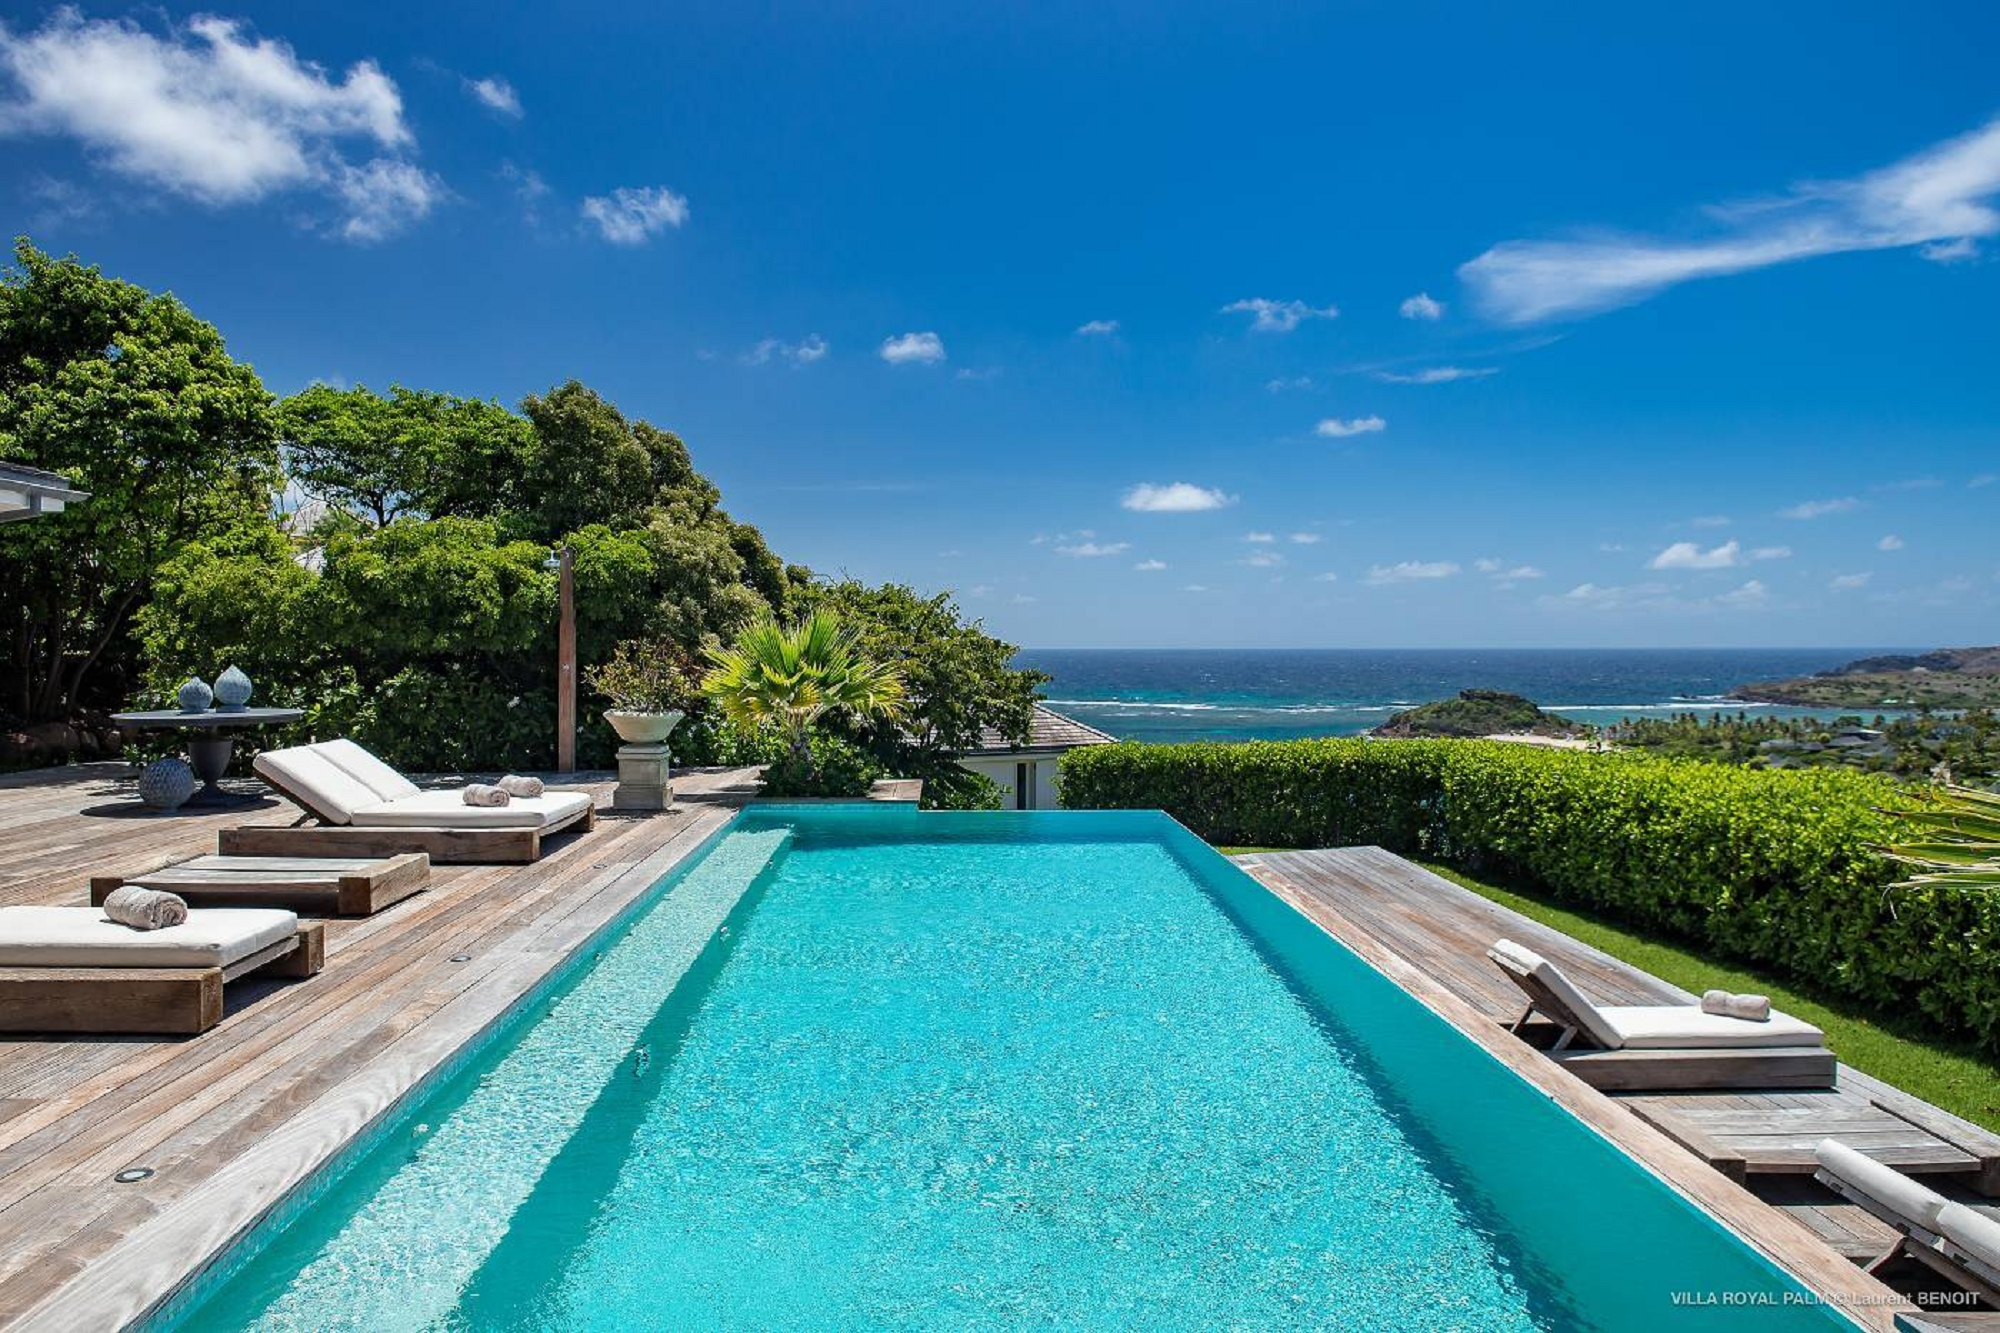 Villa Palmier Royal Estate 12 BR - Marigot, St Barth / St Barts rental For Super Rich